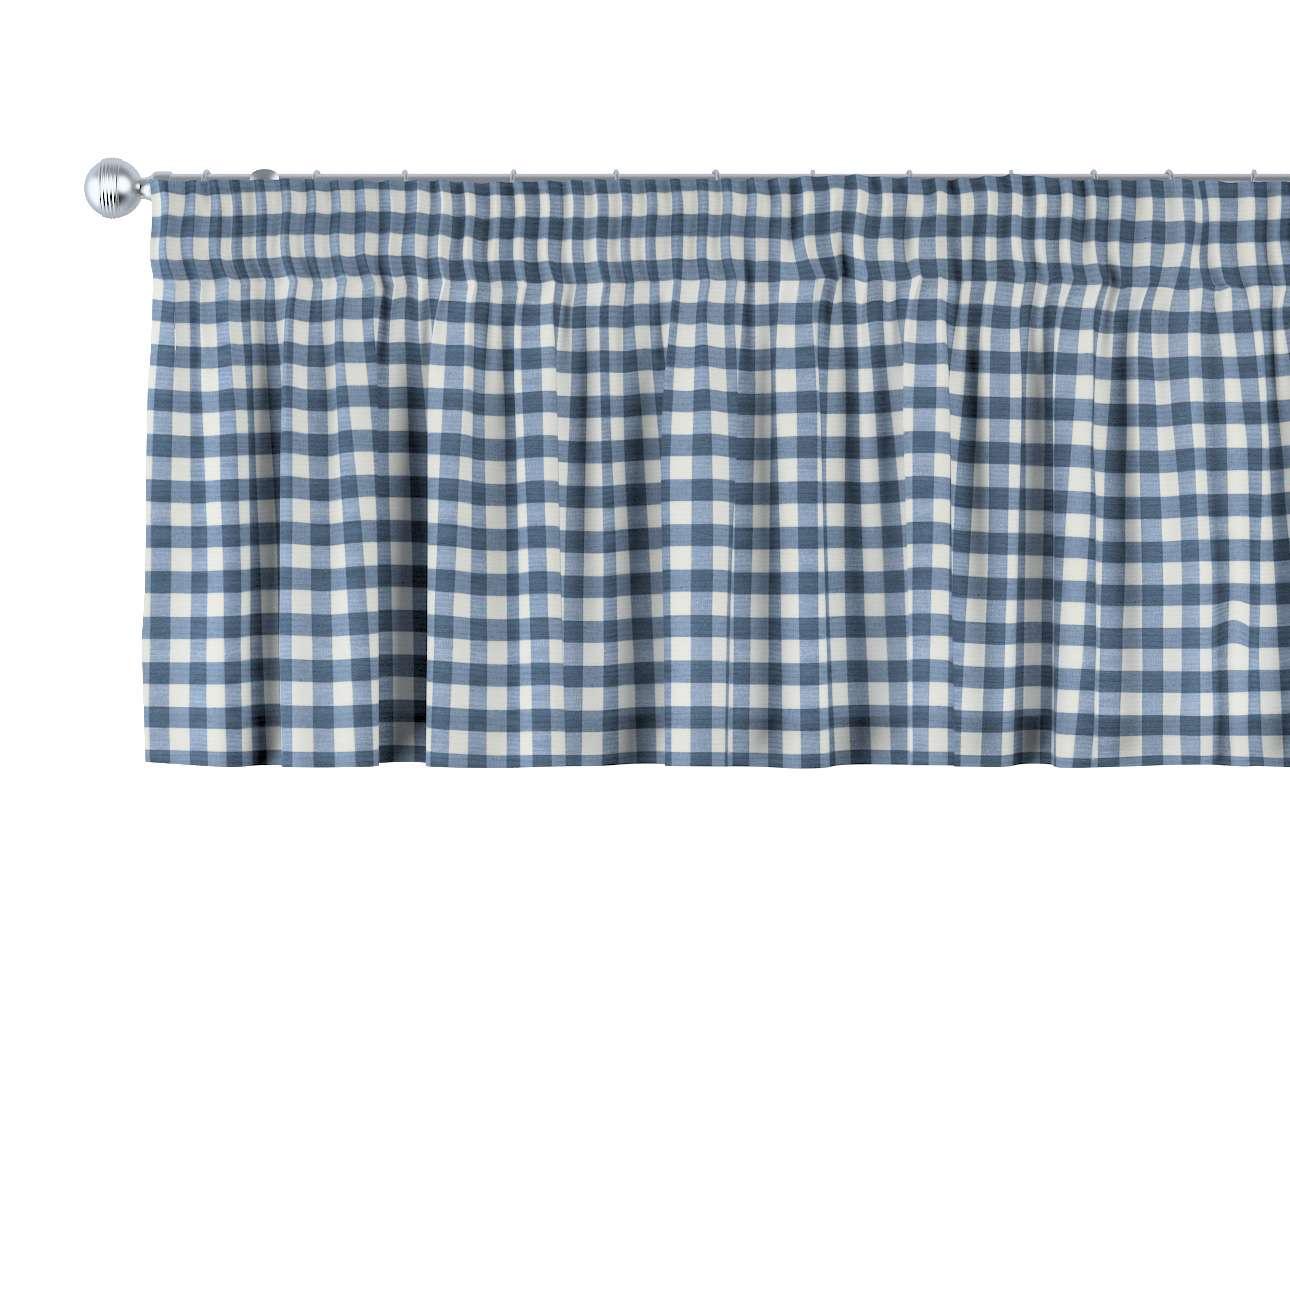 Lambrekin na taśmie marszczącej 130 x 40 cm w kolekcji Quadro, tkanina: 136-01